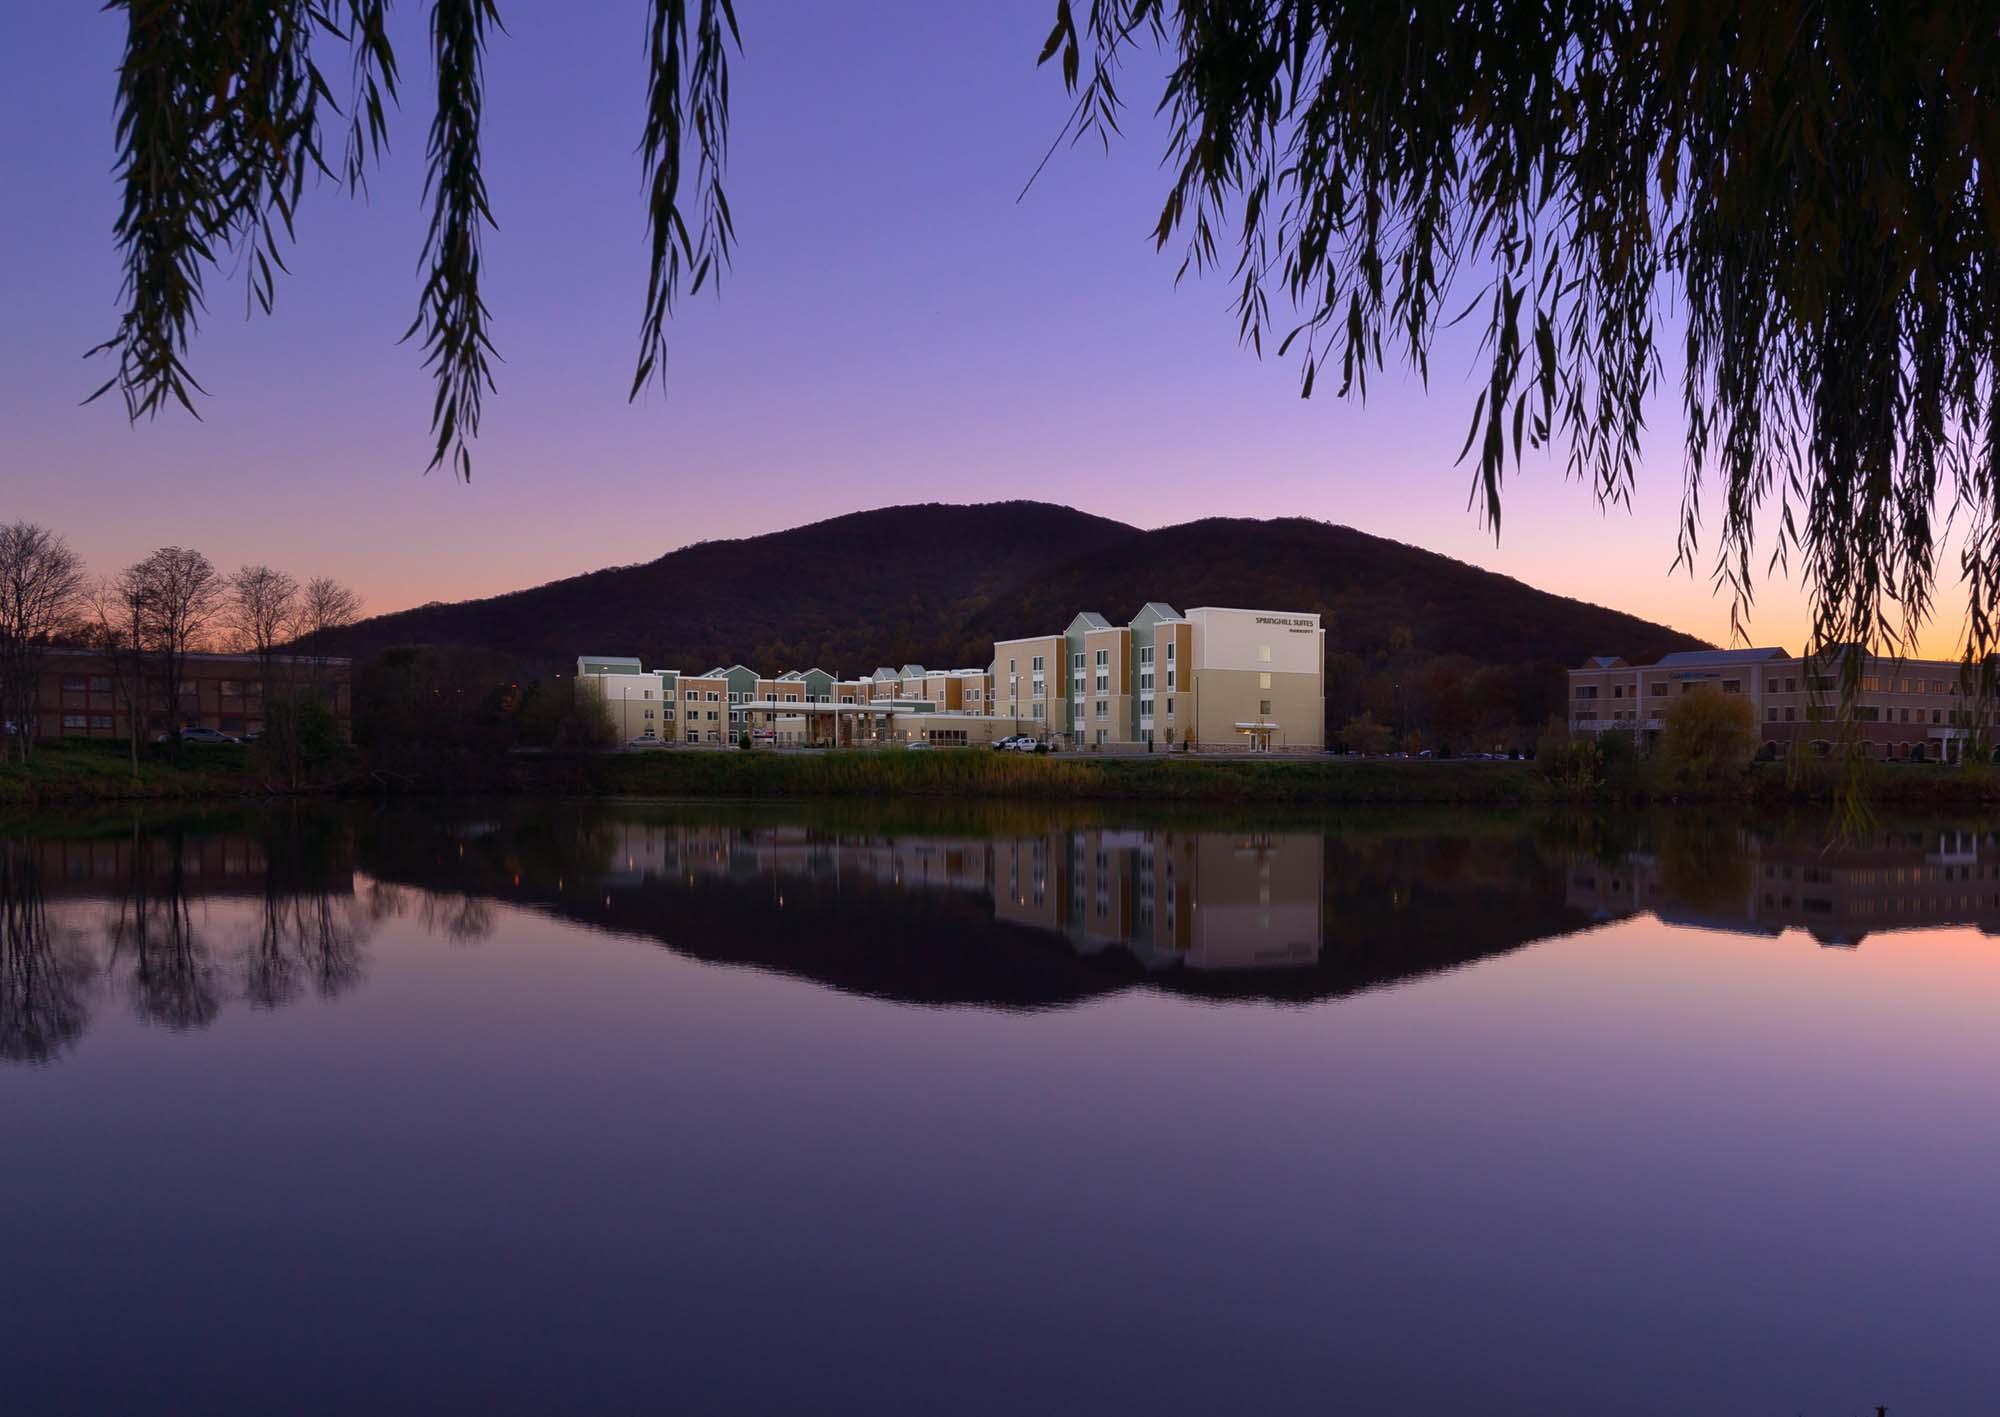 Residence Inn / Springhill Suites